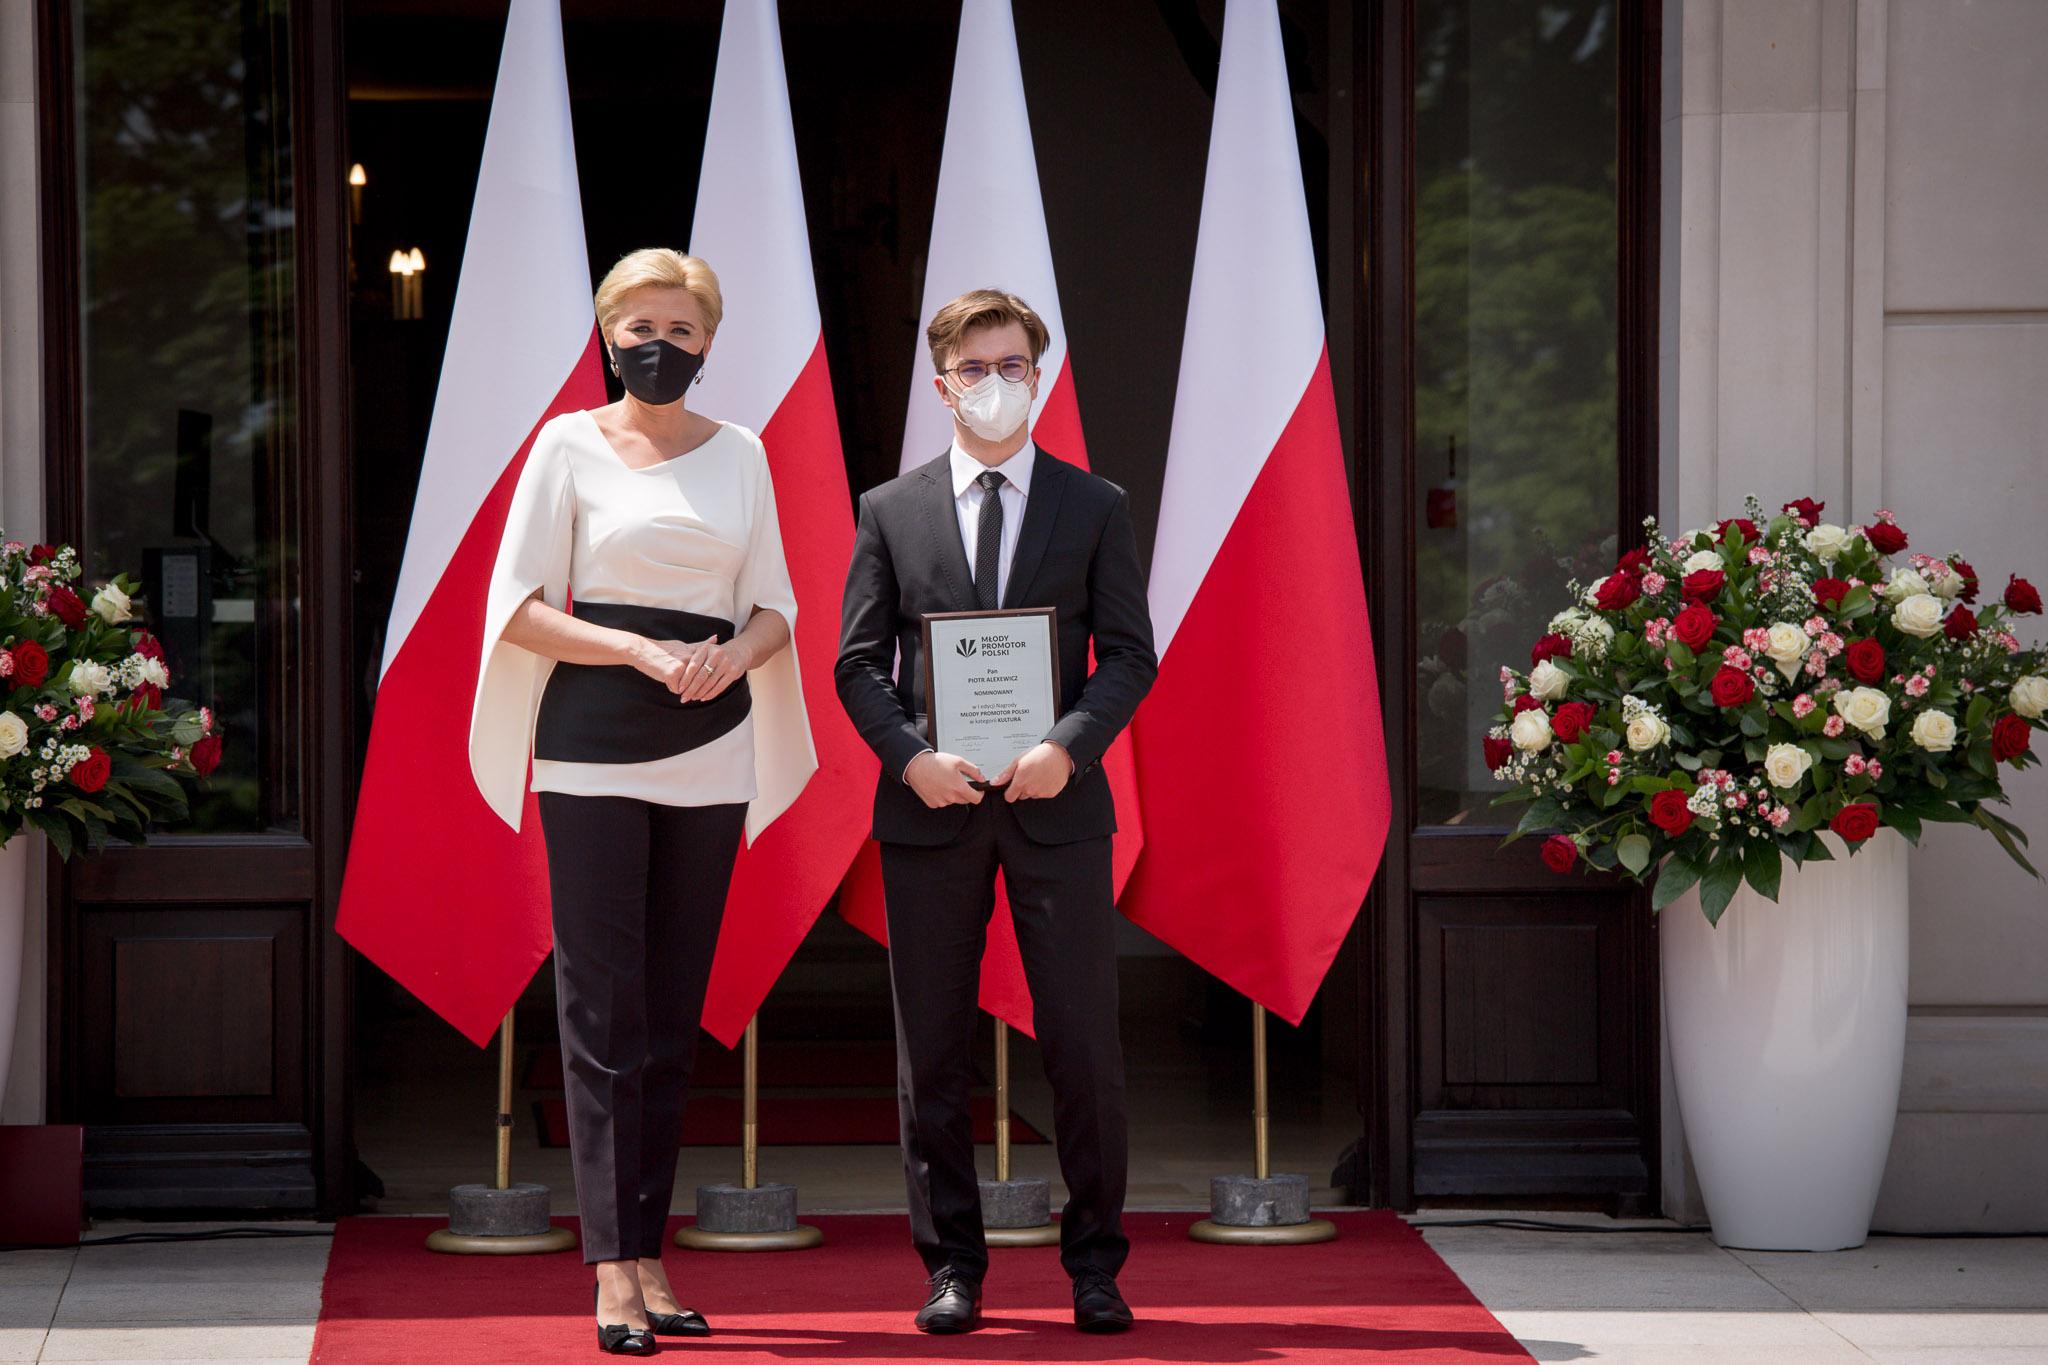 Decyzją Pierwszej Damy Agaty Kornhauser-Dudy Młodym Promotorem Polski 2021 został Piotr Alexewicz. fot. Kamil Broszko/Teraz Polska